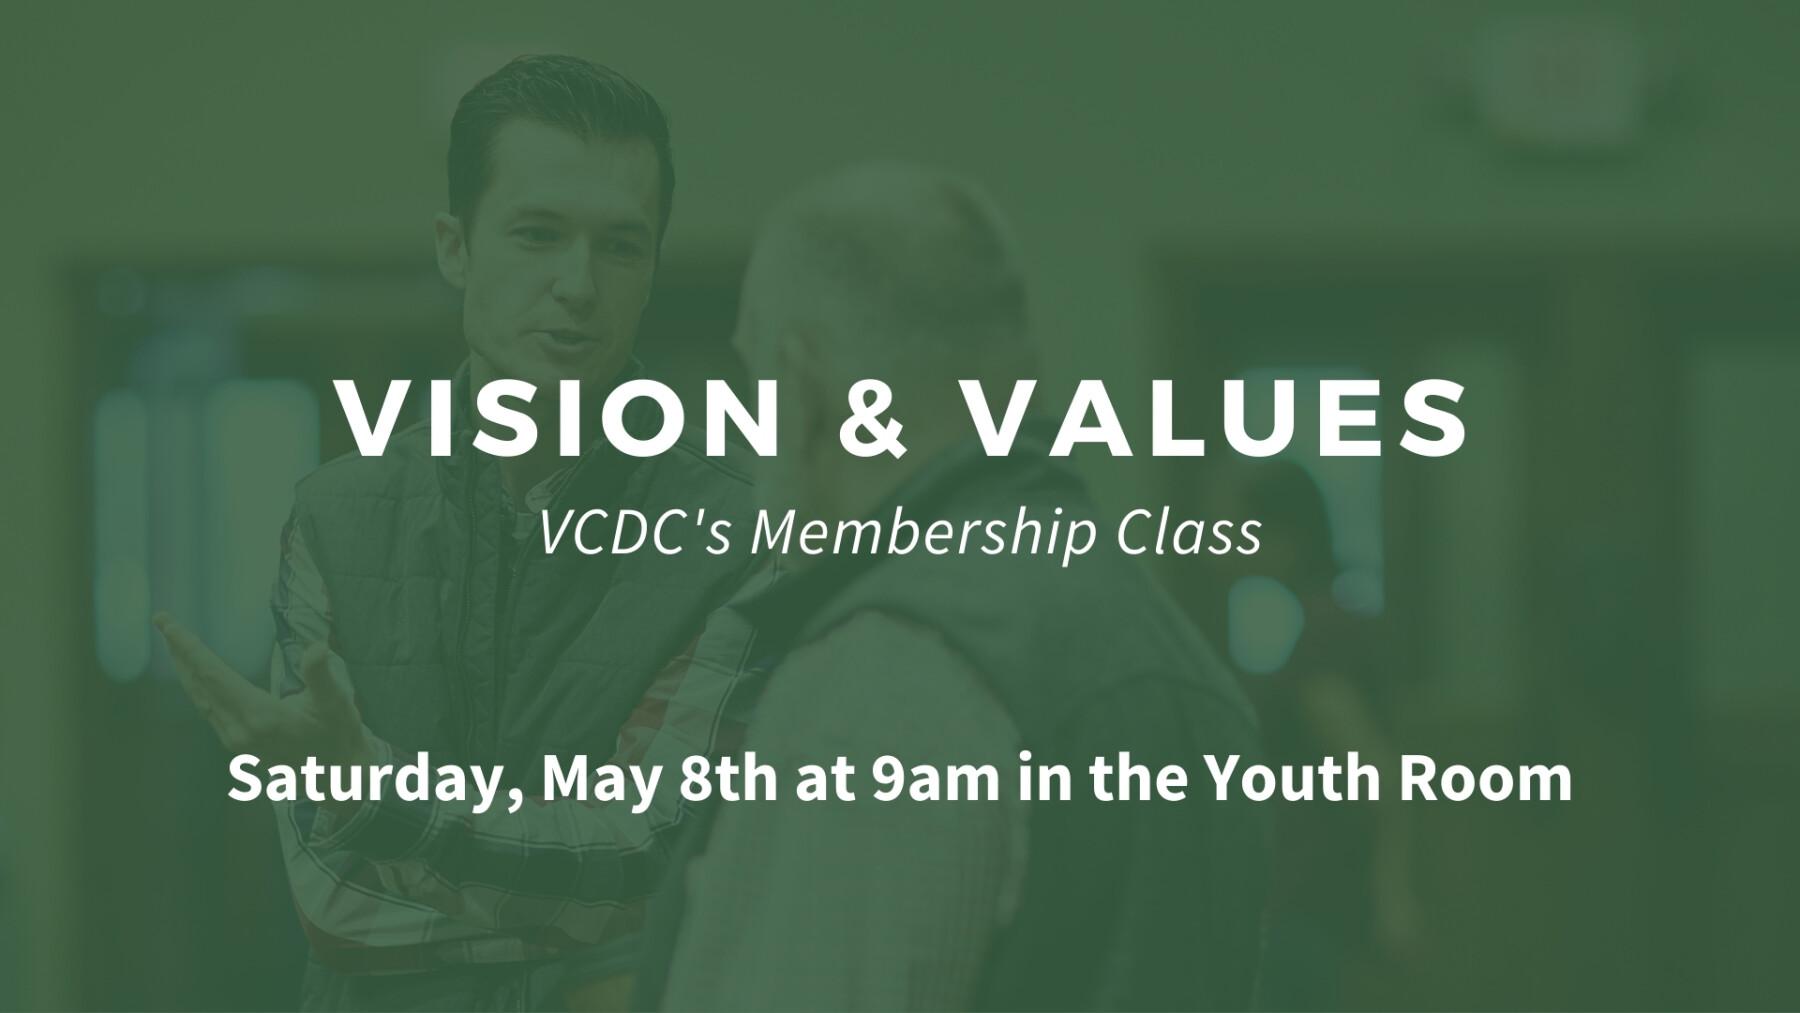 Vision & Values - Saturday, May 8th at 9am